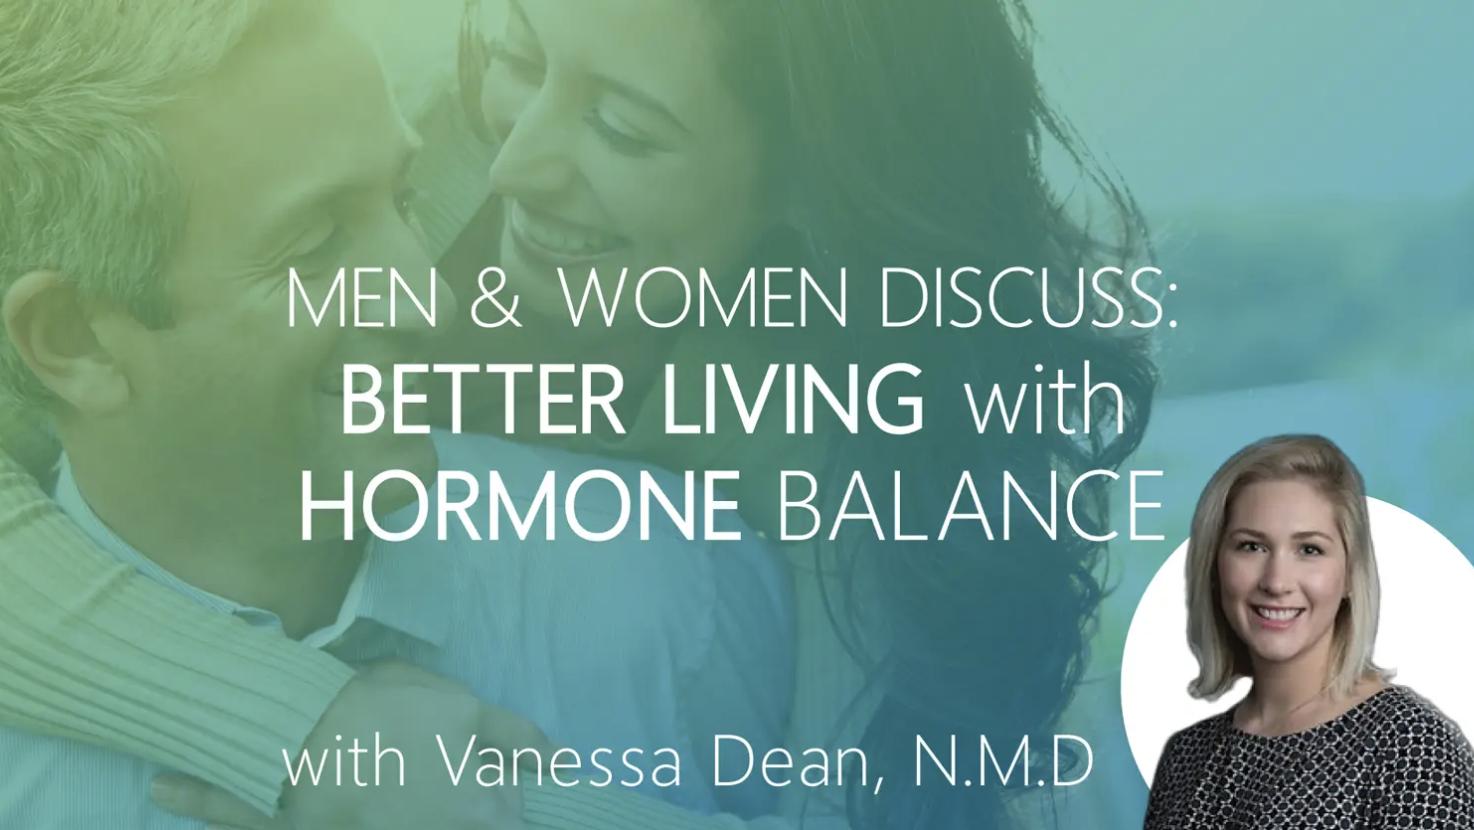 Hormone Therapy Testimonial